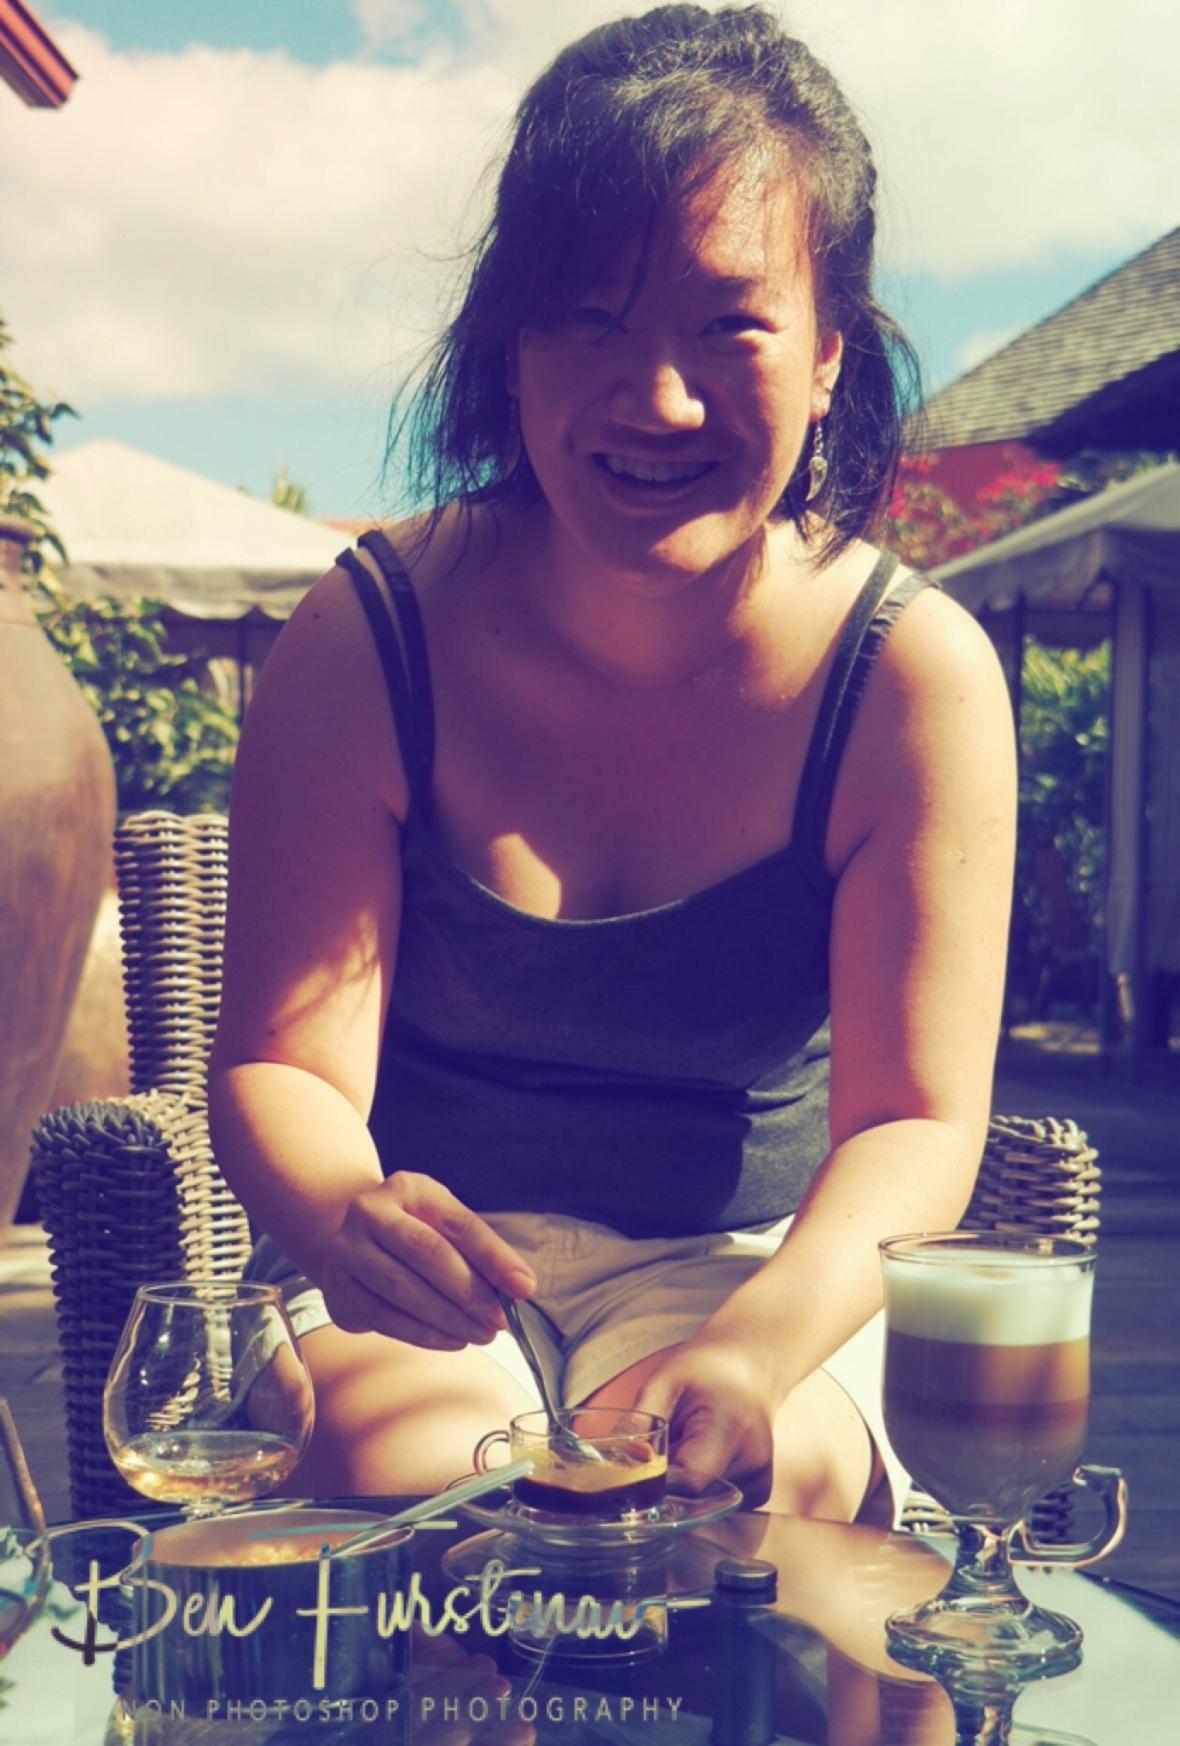 Veronique enjoying a coffee at Rhumerie de Charmaral.